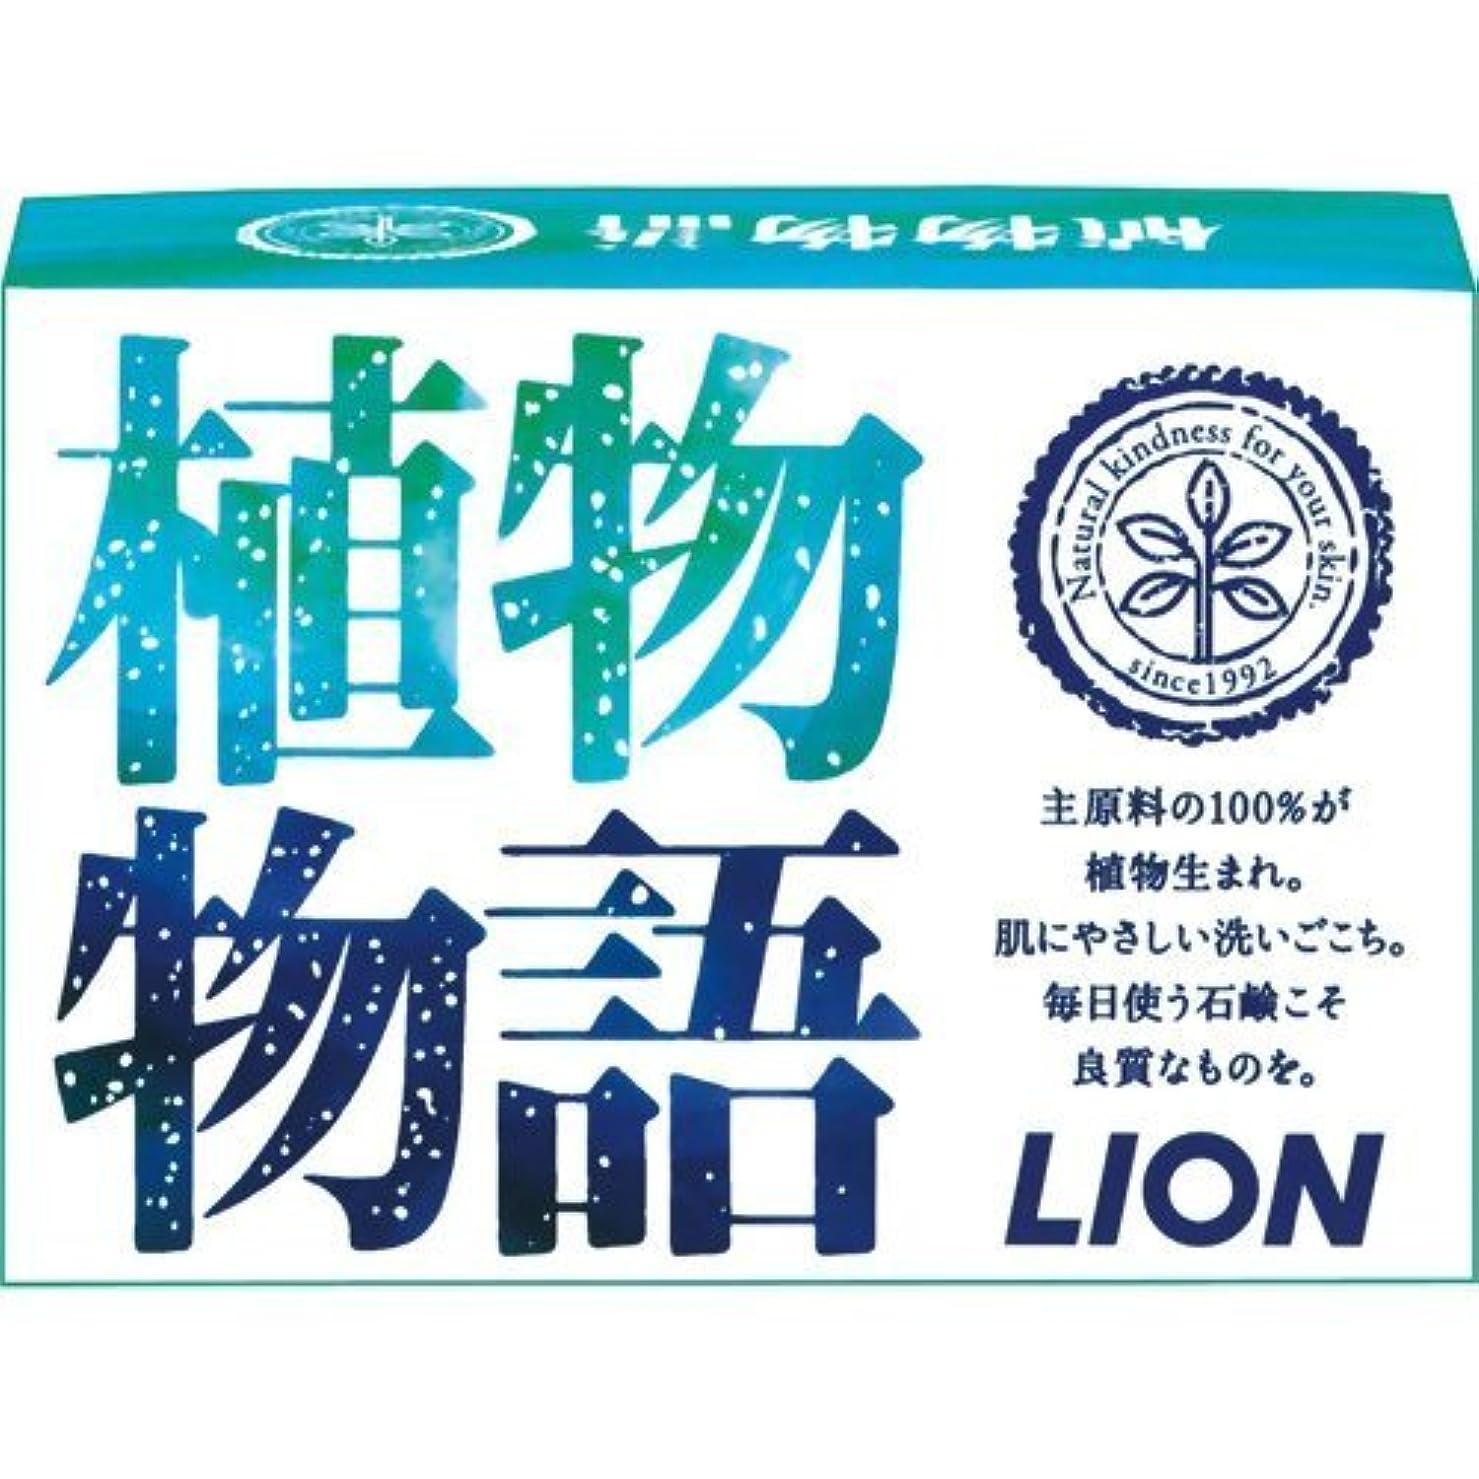 ひばり前販売計画ライオン 植物物語 化粧石鹸  1個